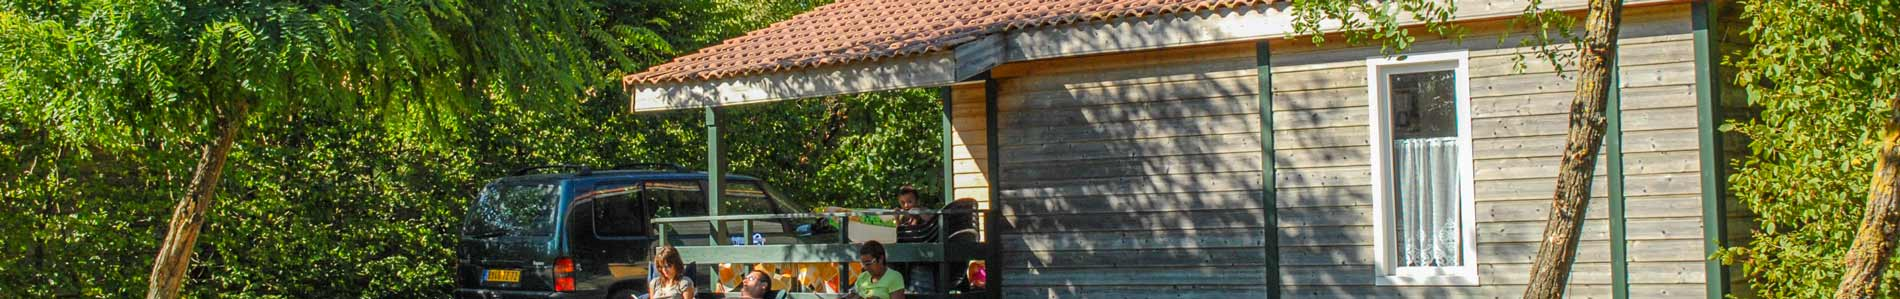 location chalet jardin camping vendée